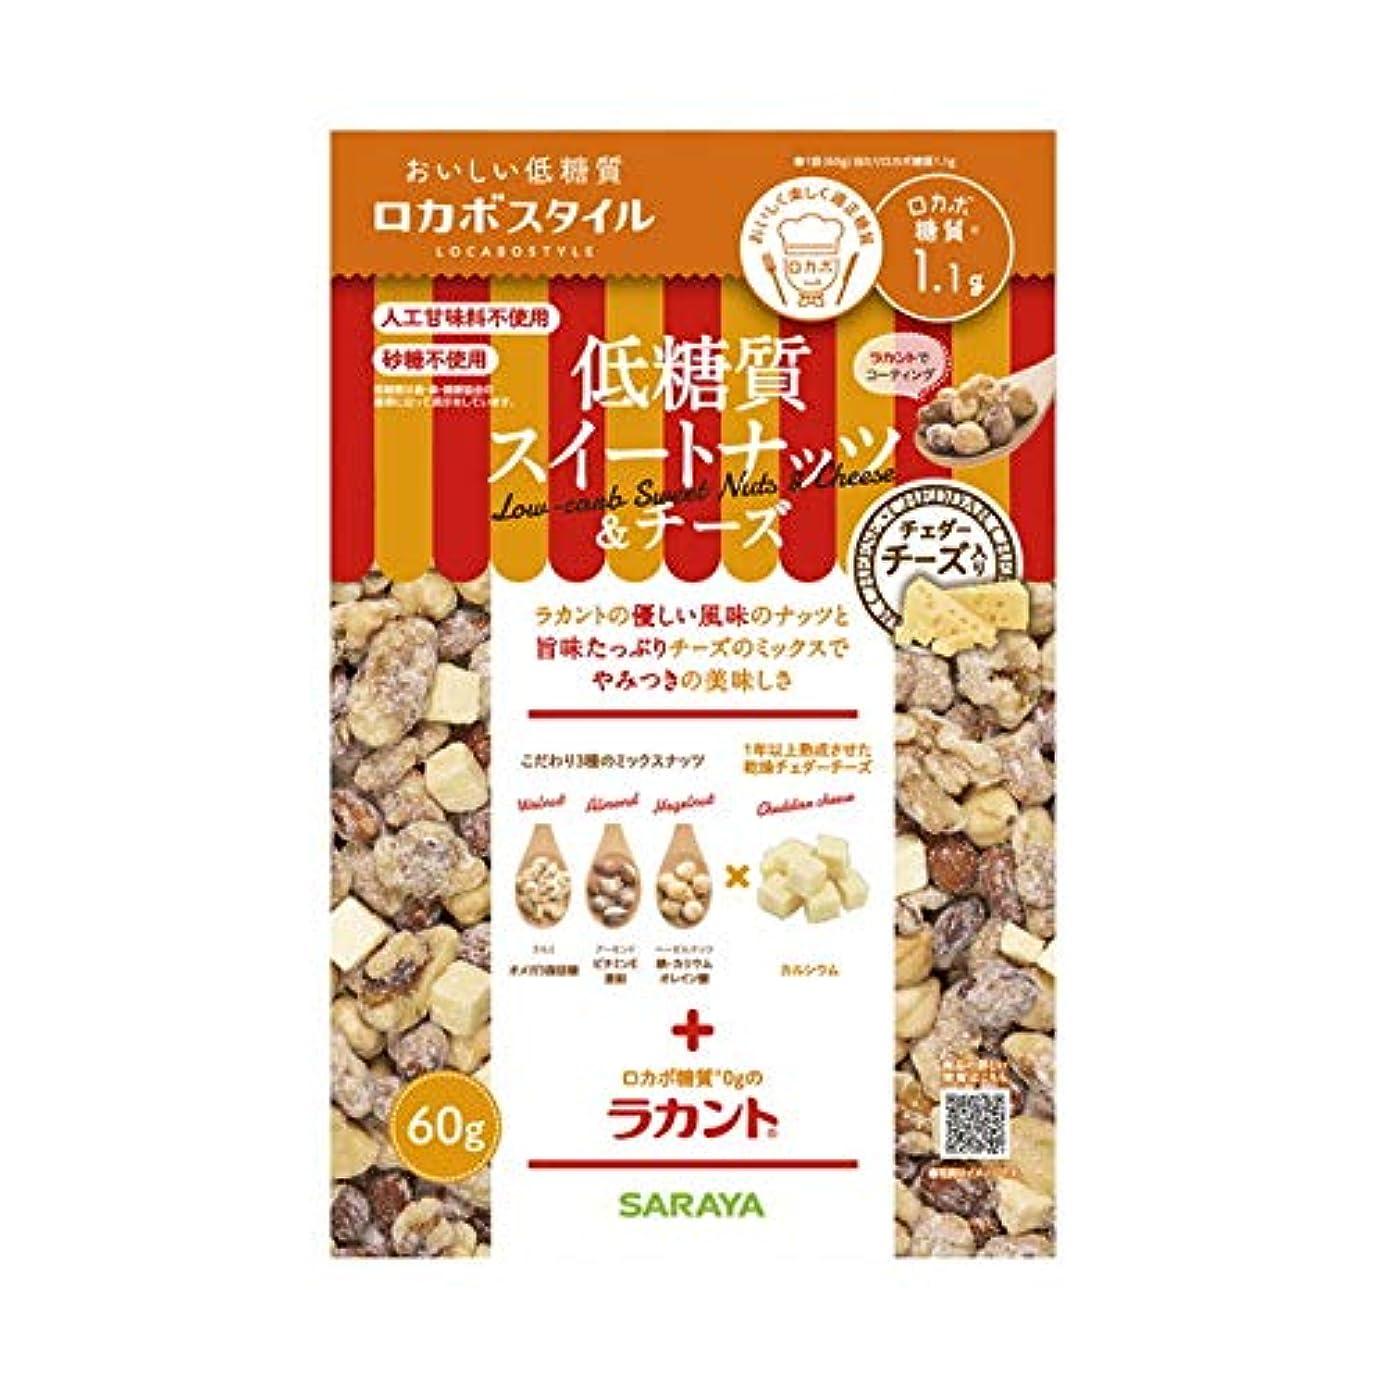 中止しますずんぐりした納屋◆サラヤ ロカボスタイル低糖質スイートナッツ&チーズ 60g